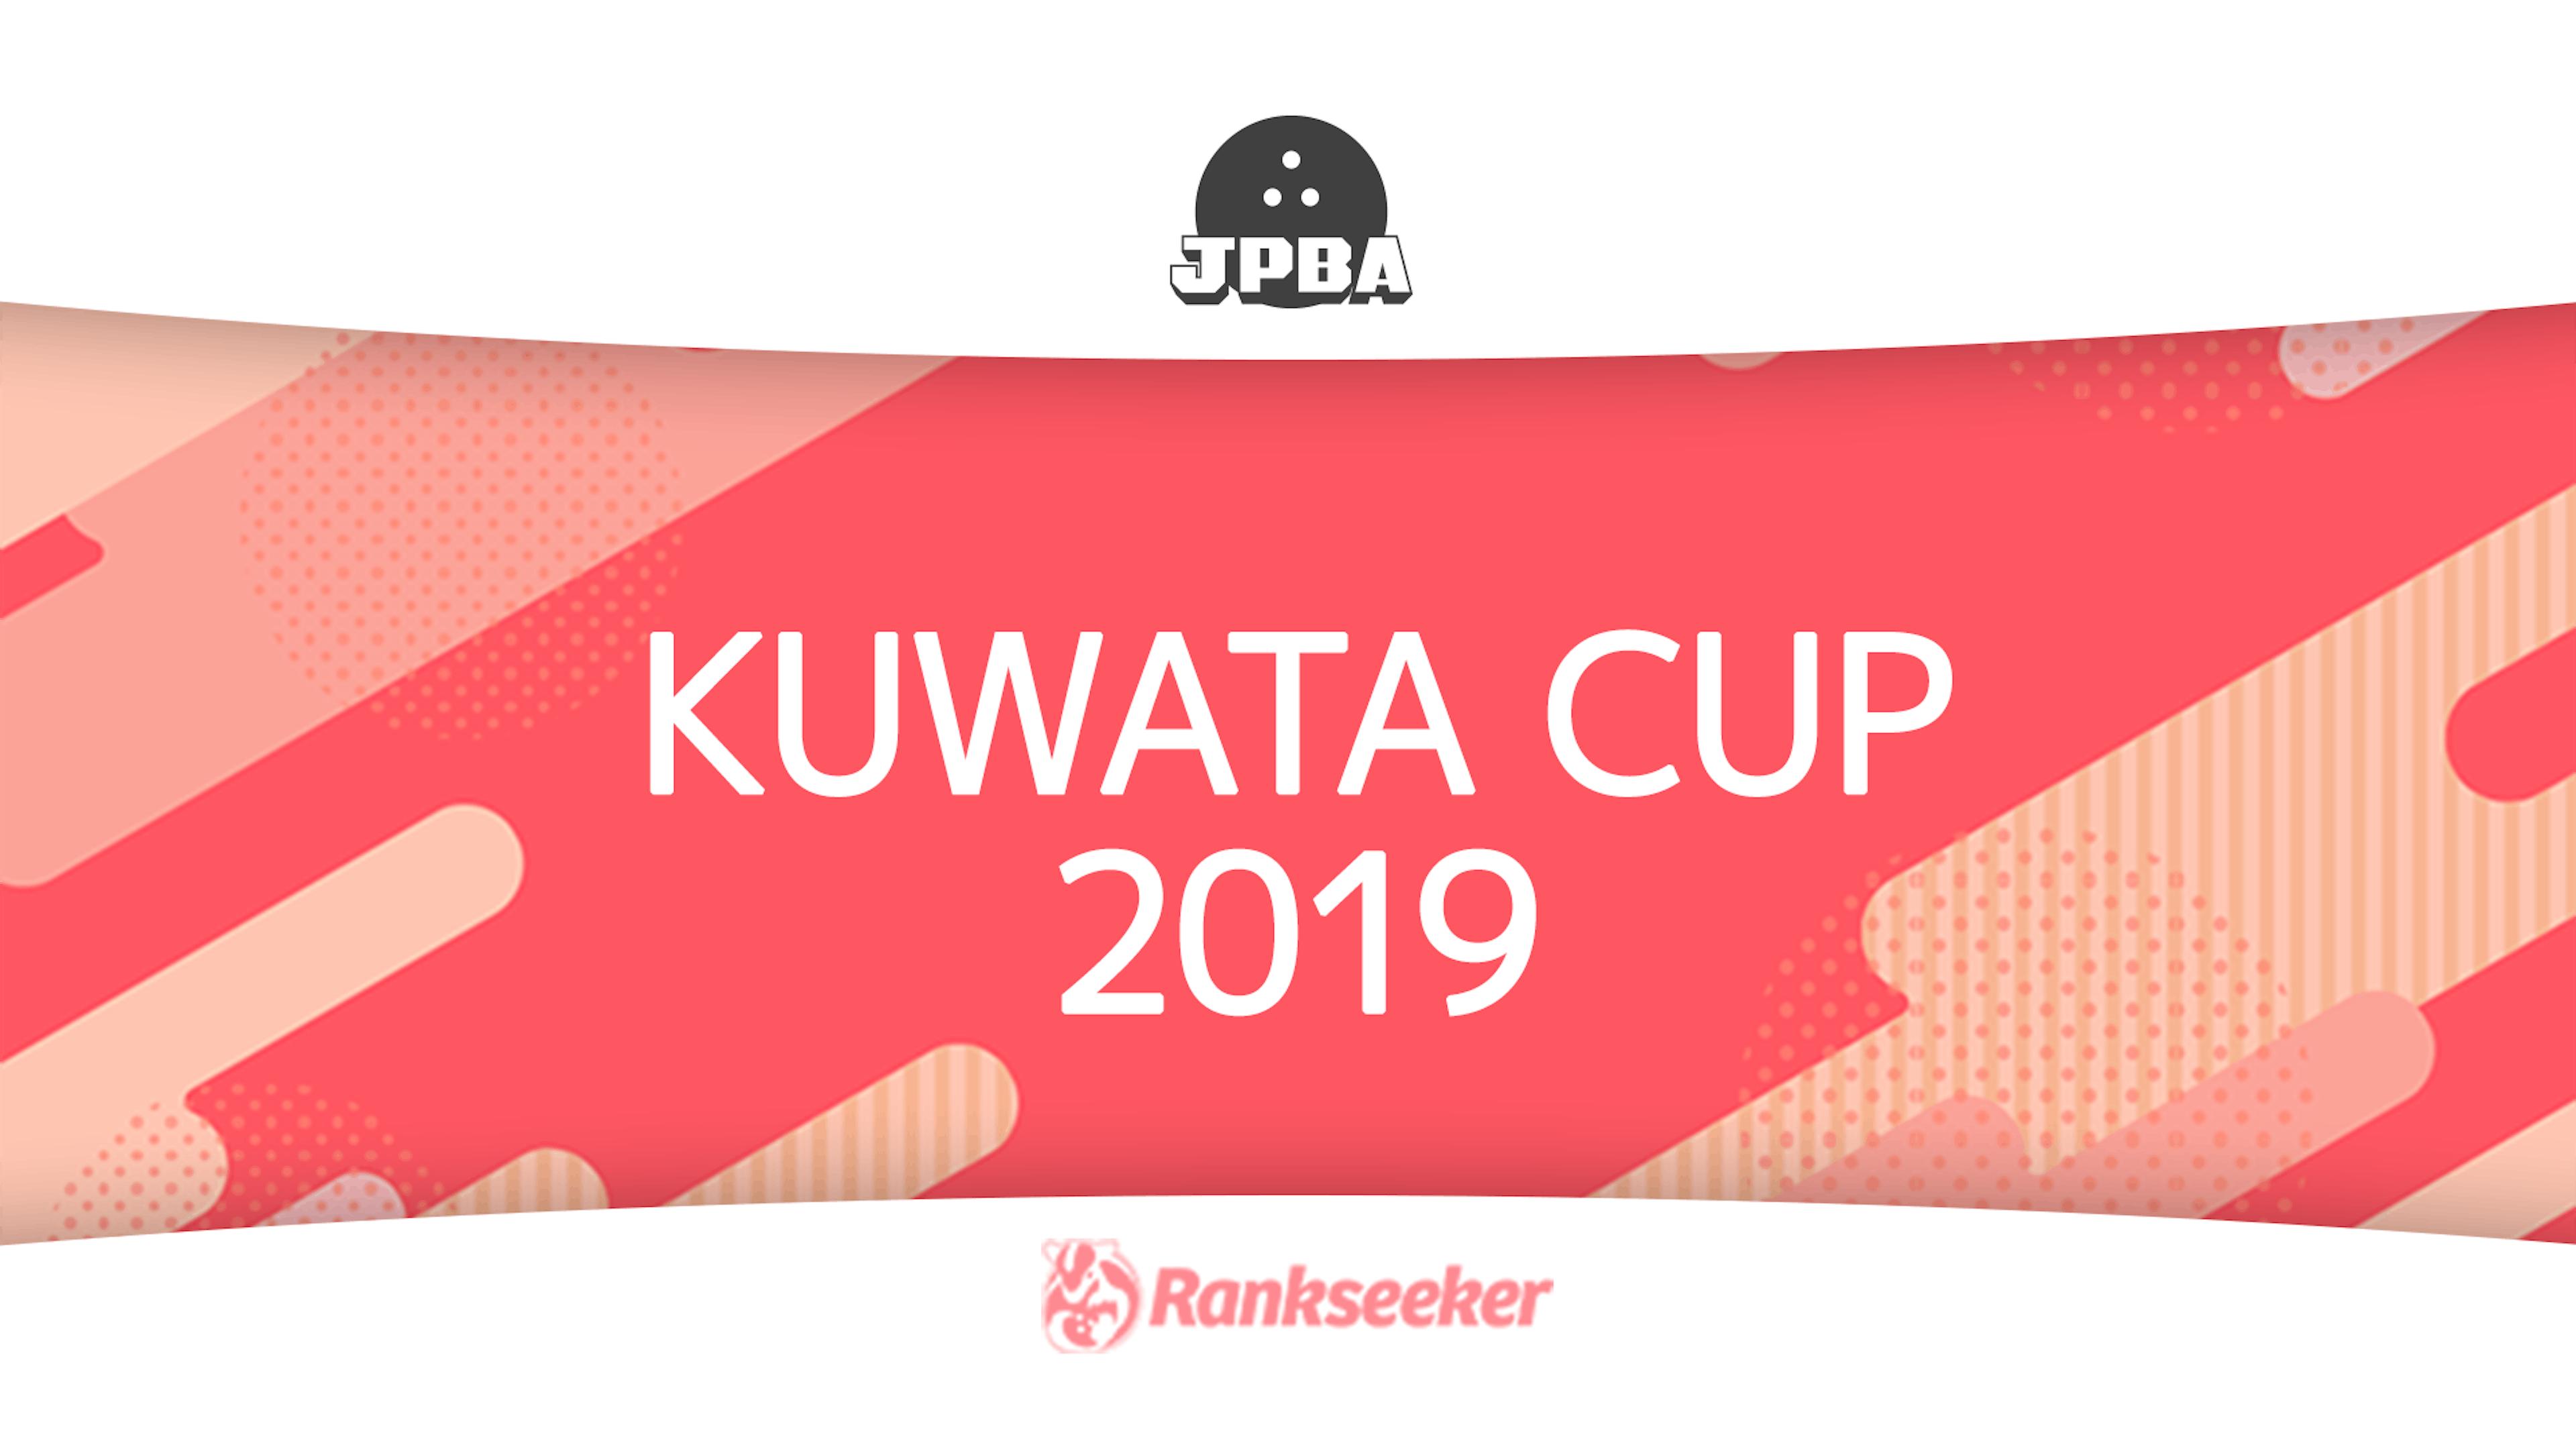 KUWATA CUP 2019